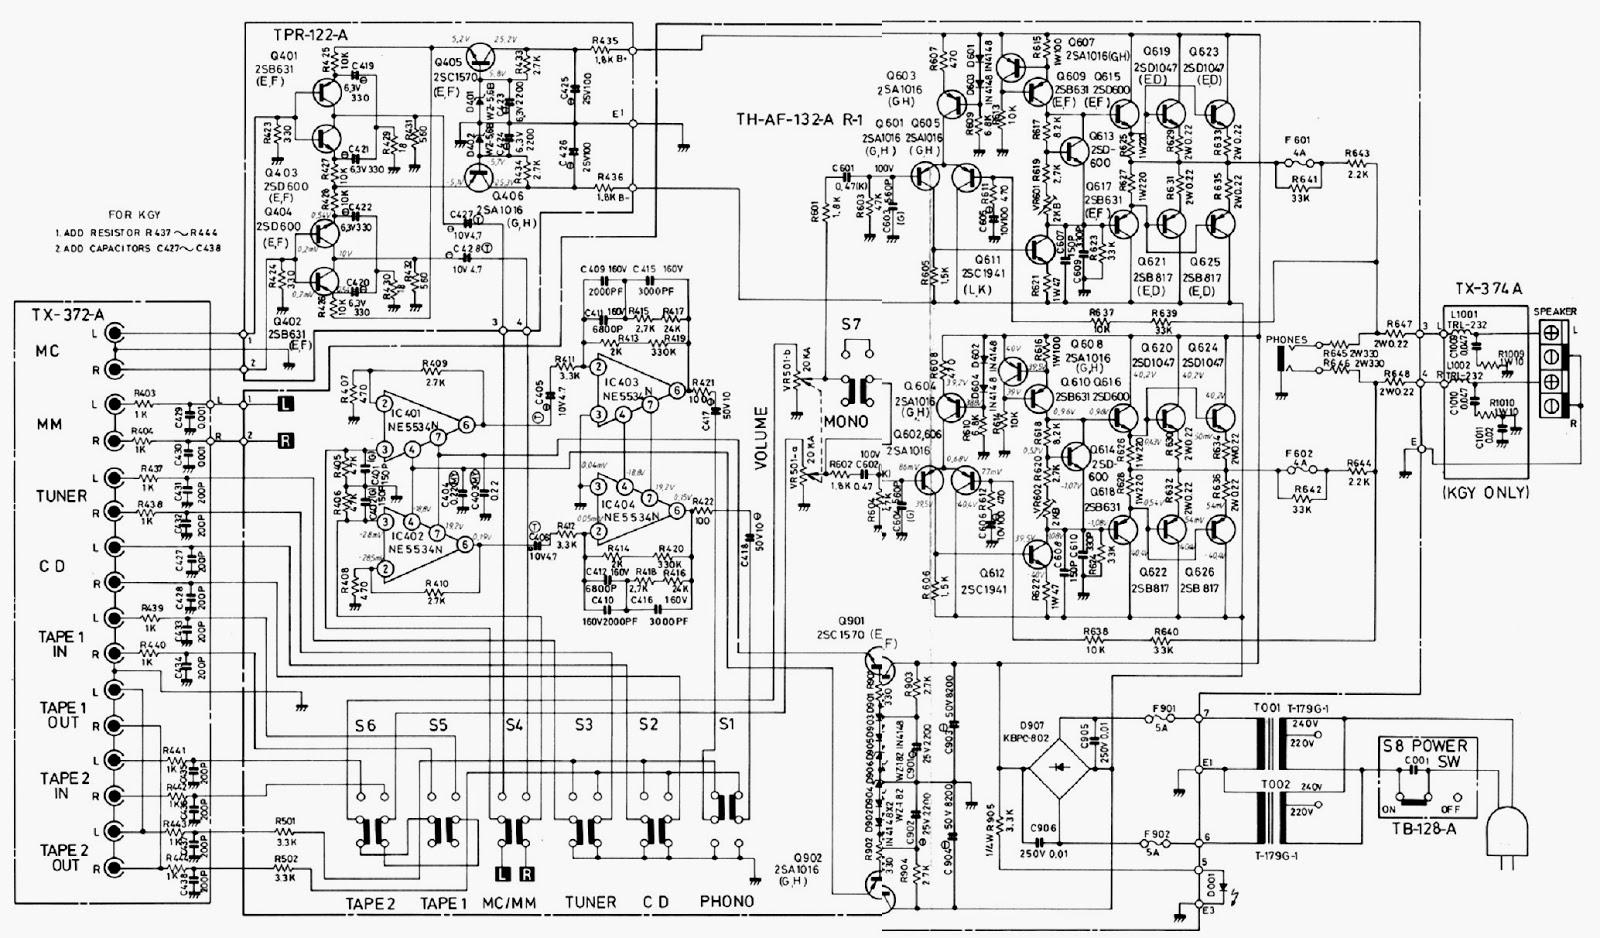 Wunderbar Aprilaire 400 Schaltplan Bilder - Elektrische Schaltplan ...